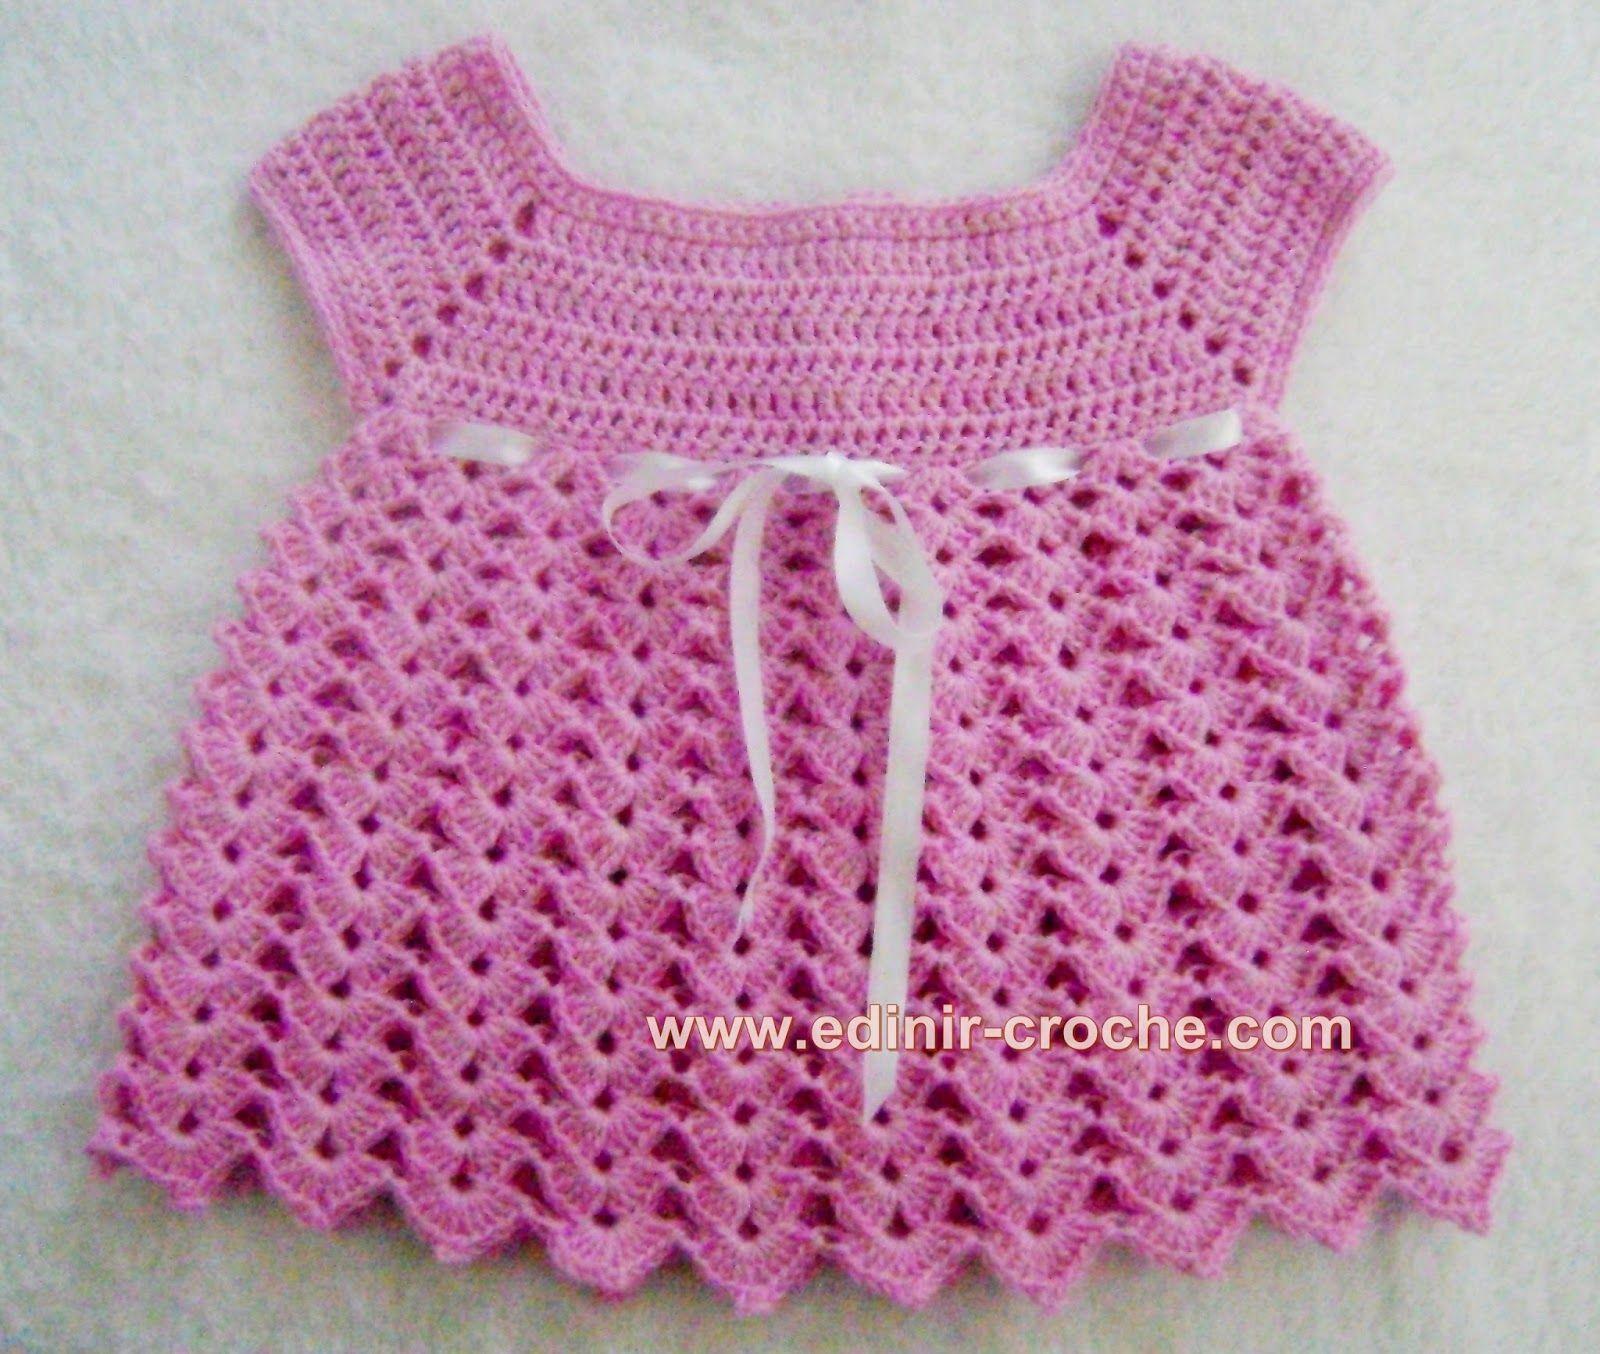 vestidinho rosa em crochê para bebê com edinir-croche video aula ...